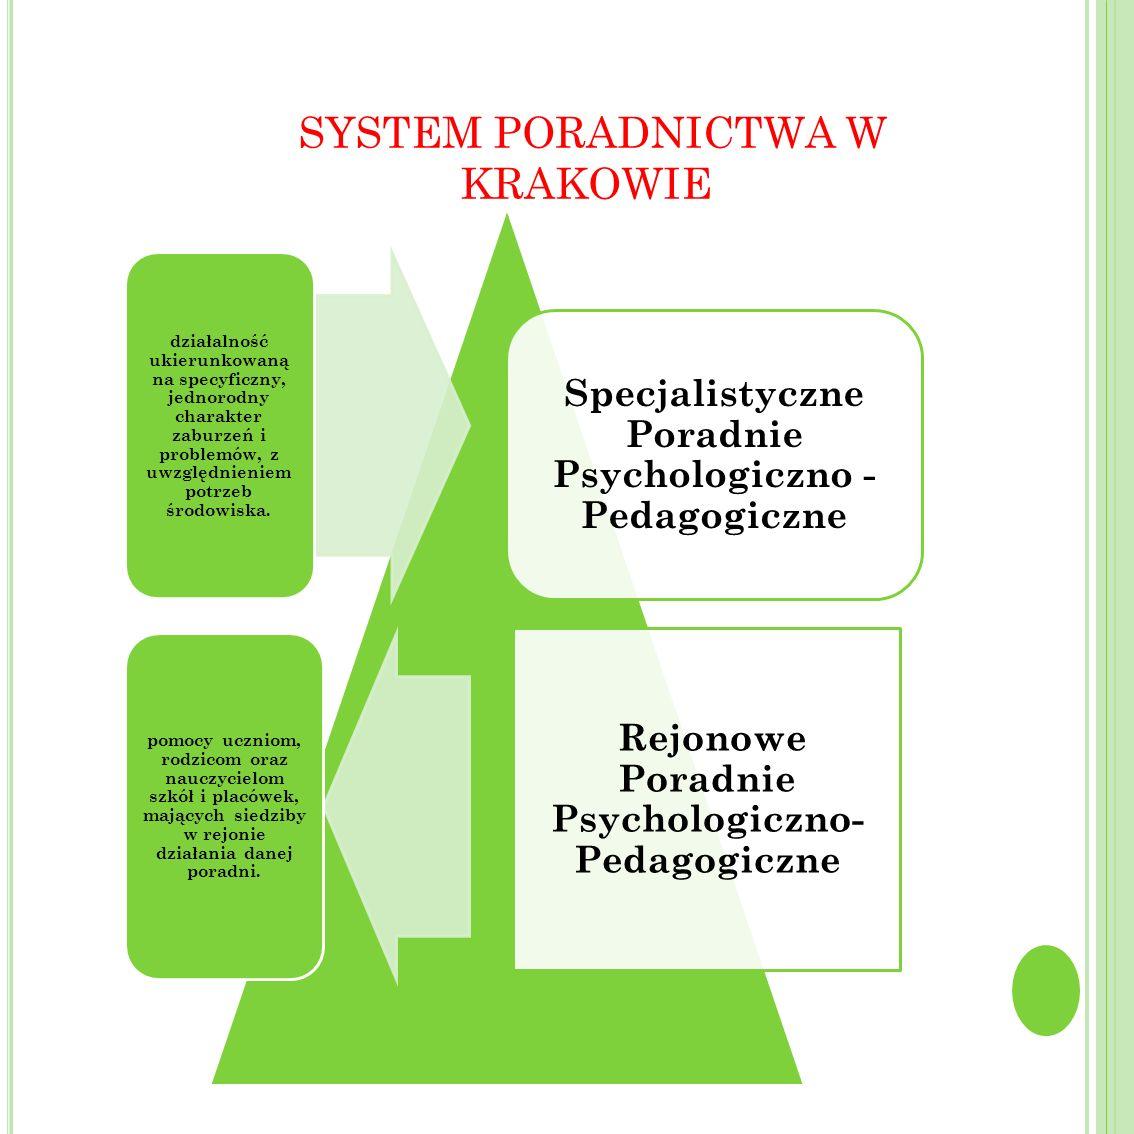 SYSTEM PORADNICTWA W KRAKOWIE